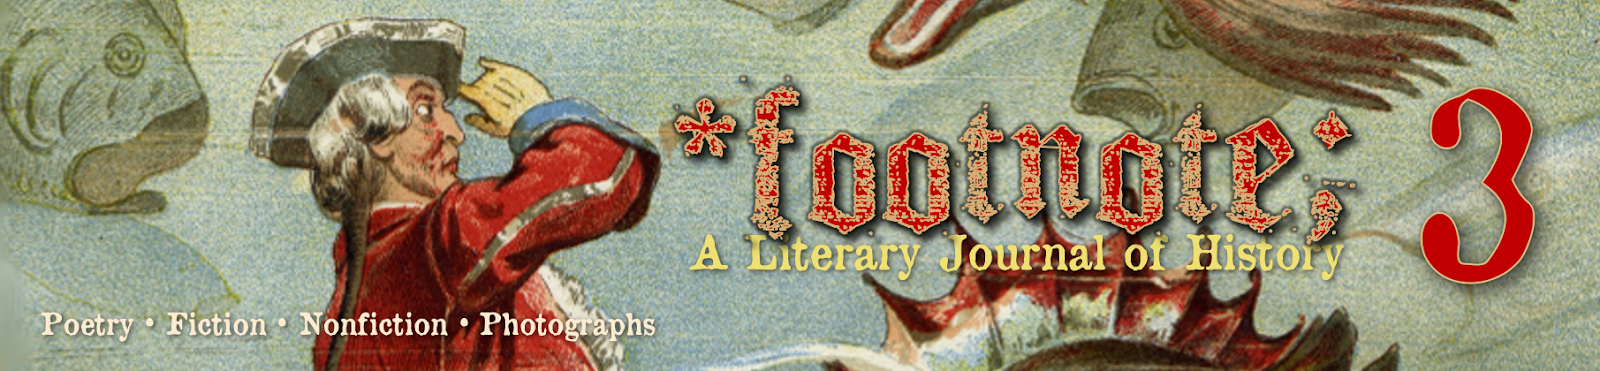 Footnote 3 header banner